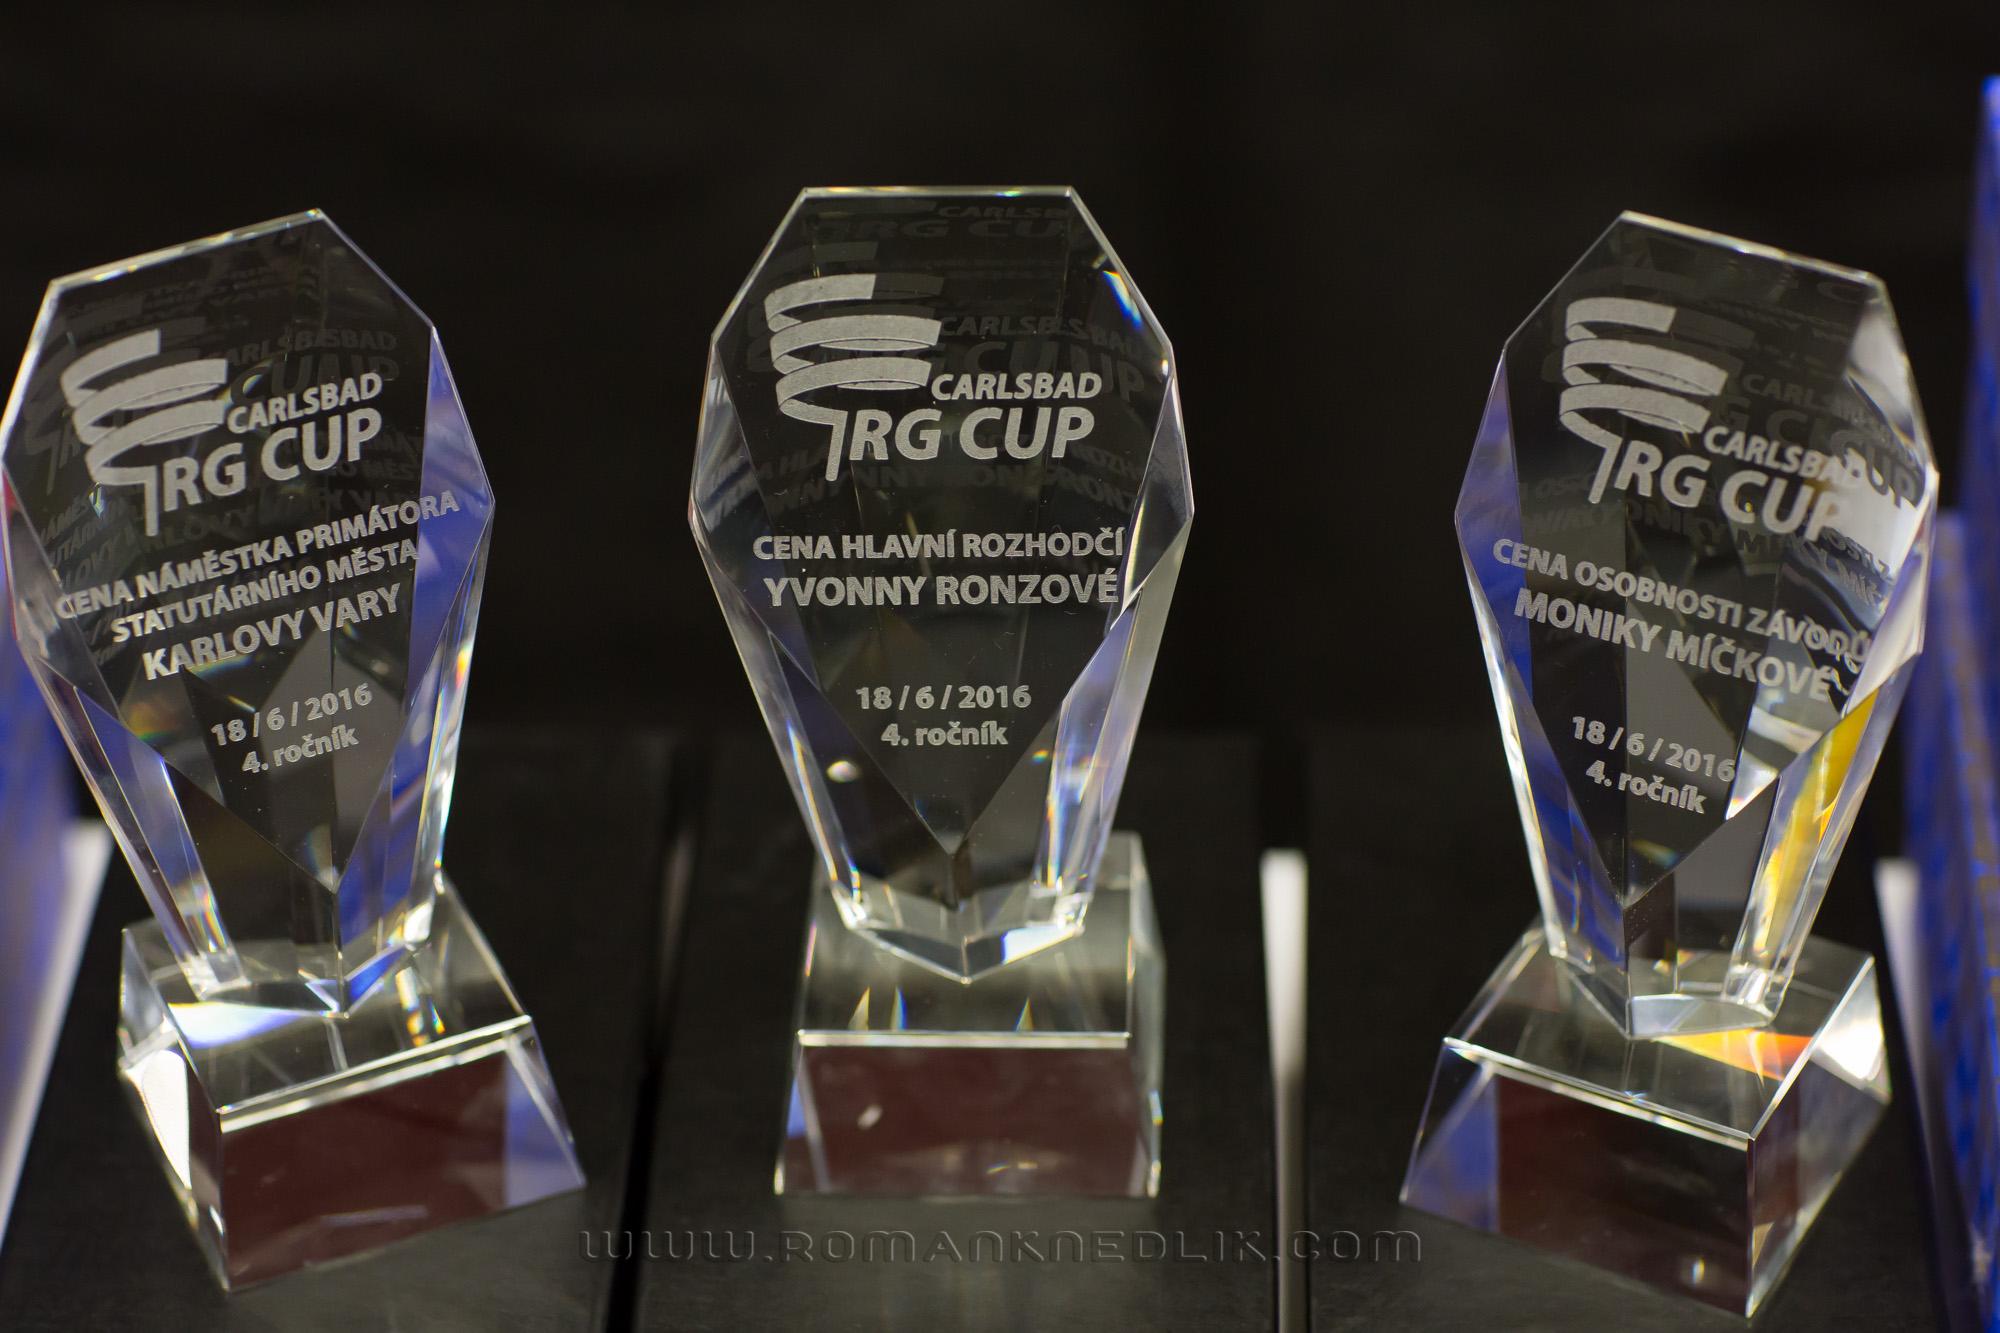 Carlsbad_RG_Cup-1